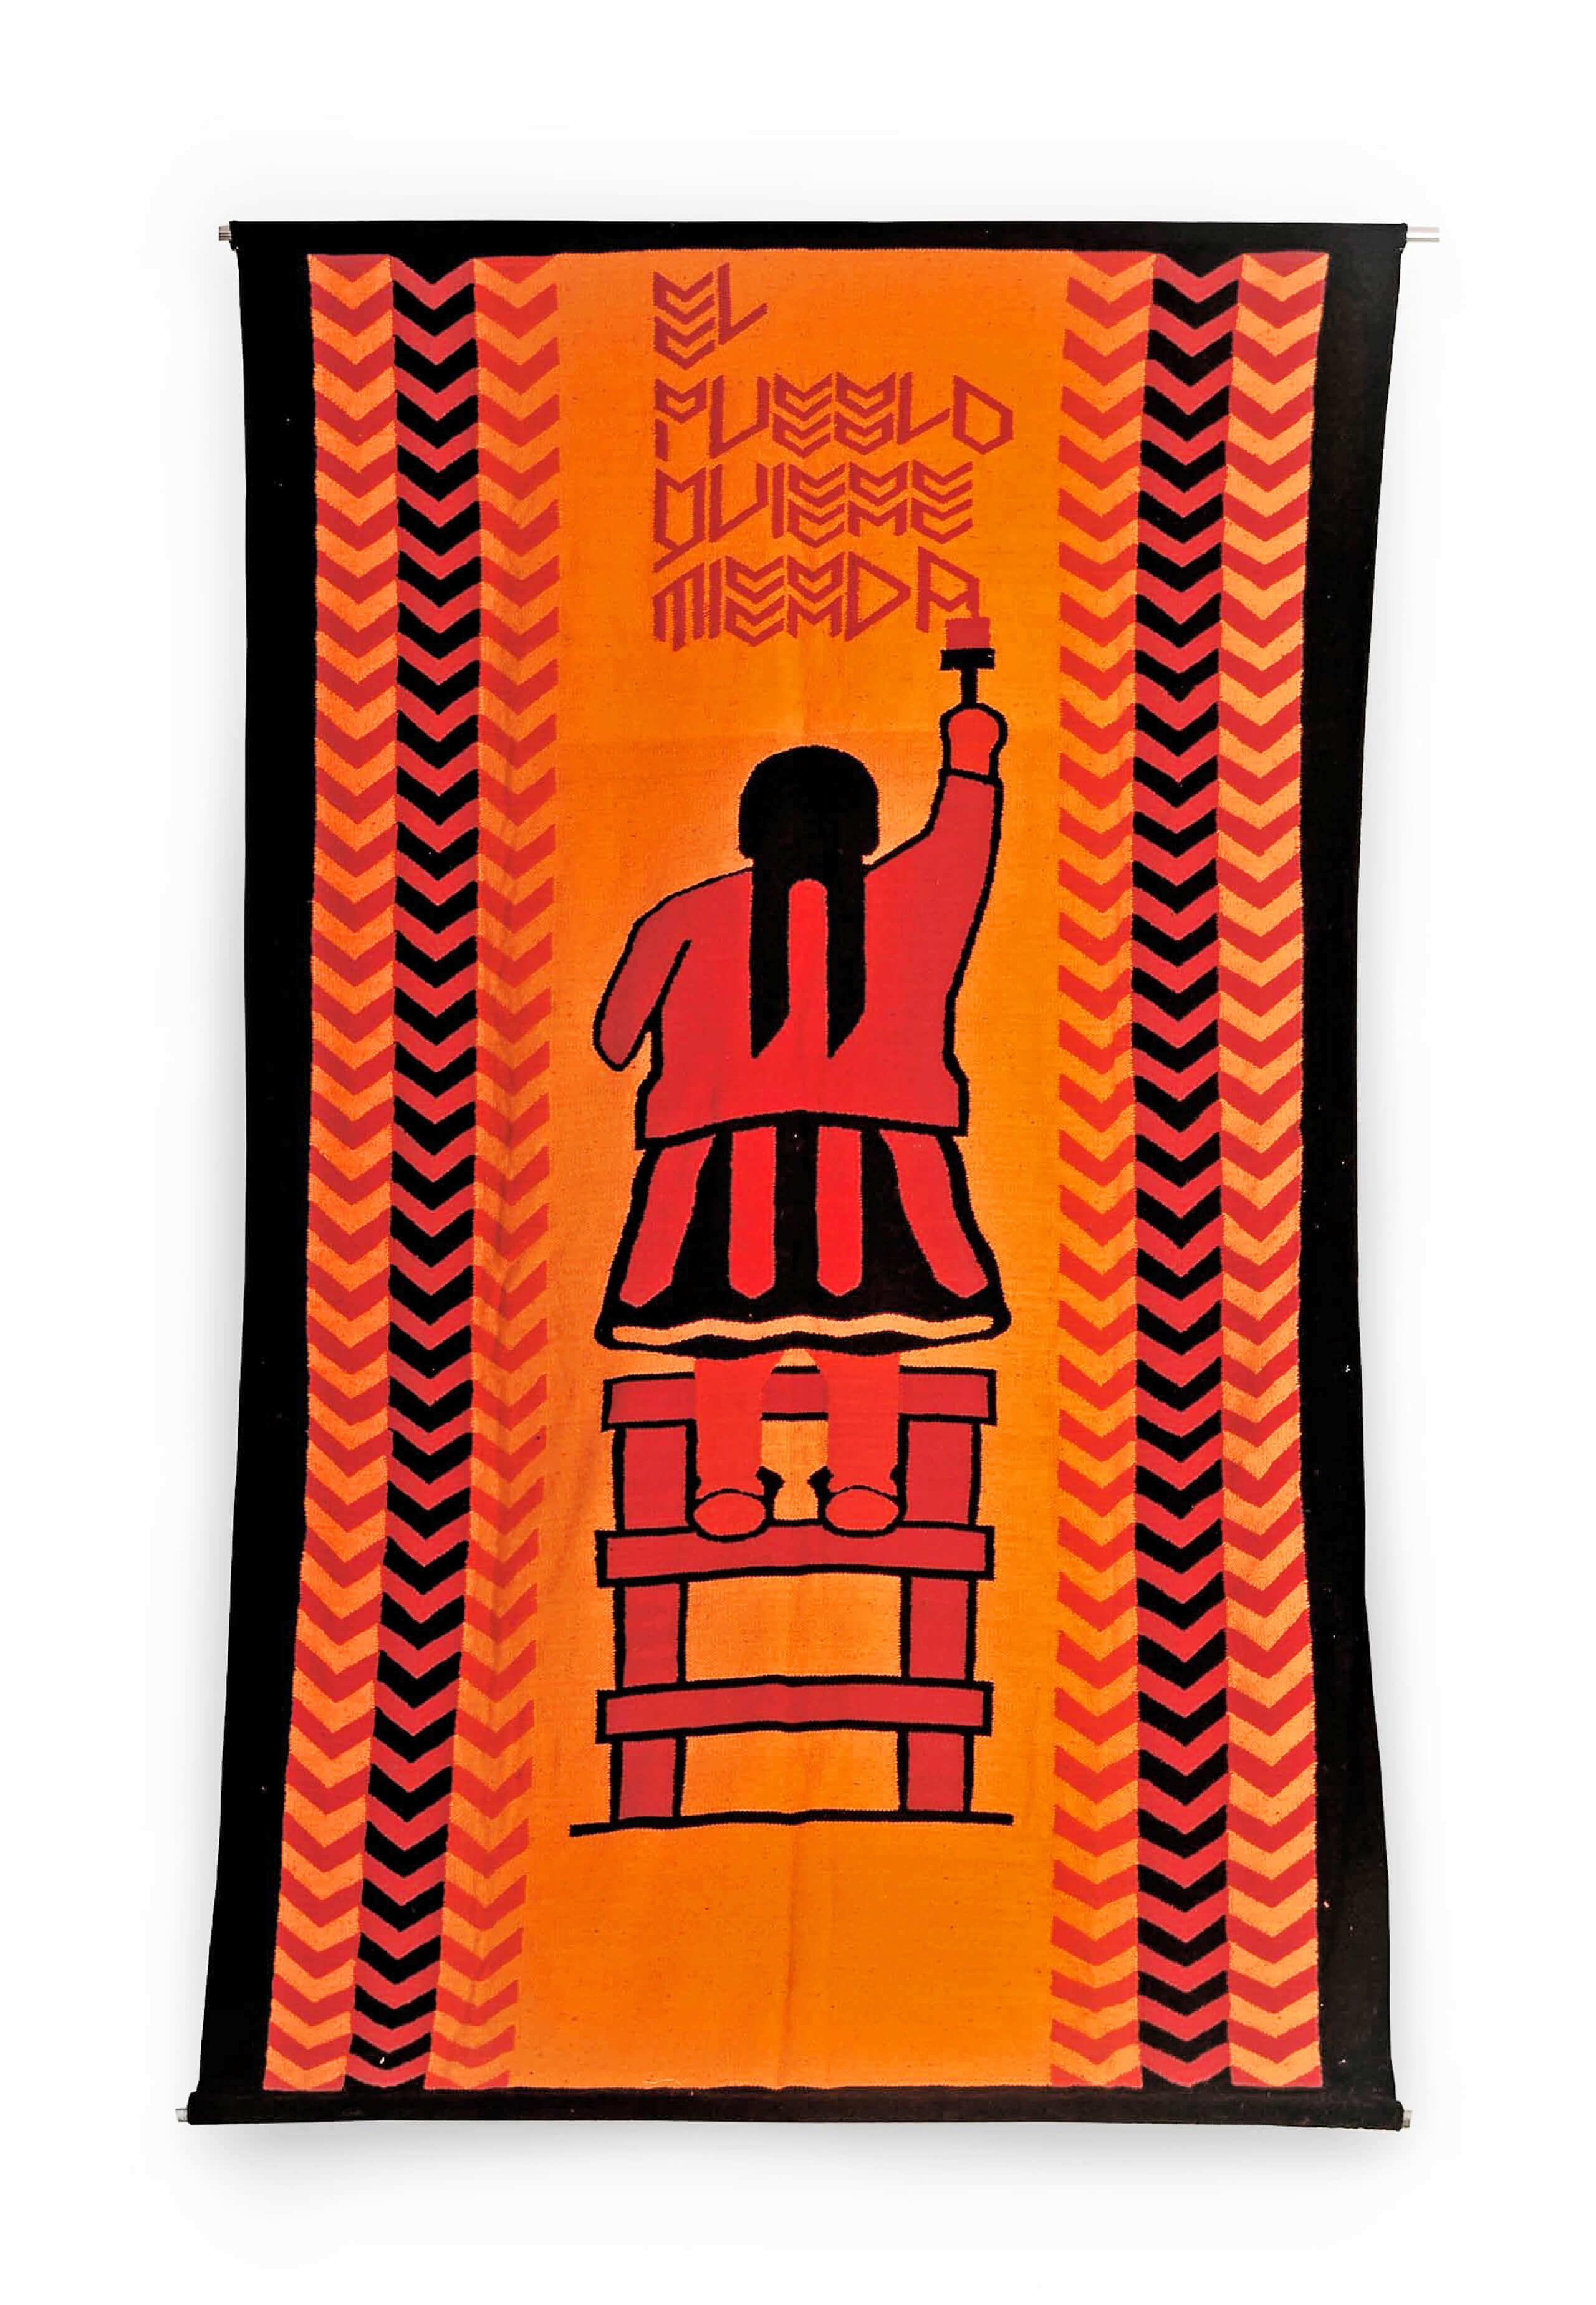 Sin título (Indígena) | Portadores de sentido. Arte contemporáneo en la Colección Patricia Phelps de Cisneros. | Museo Amparo, Puebla